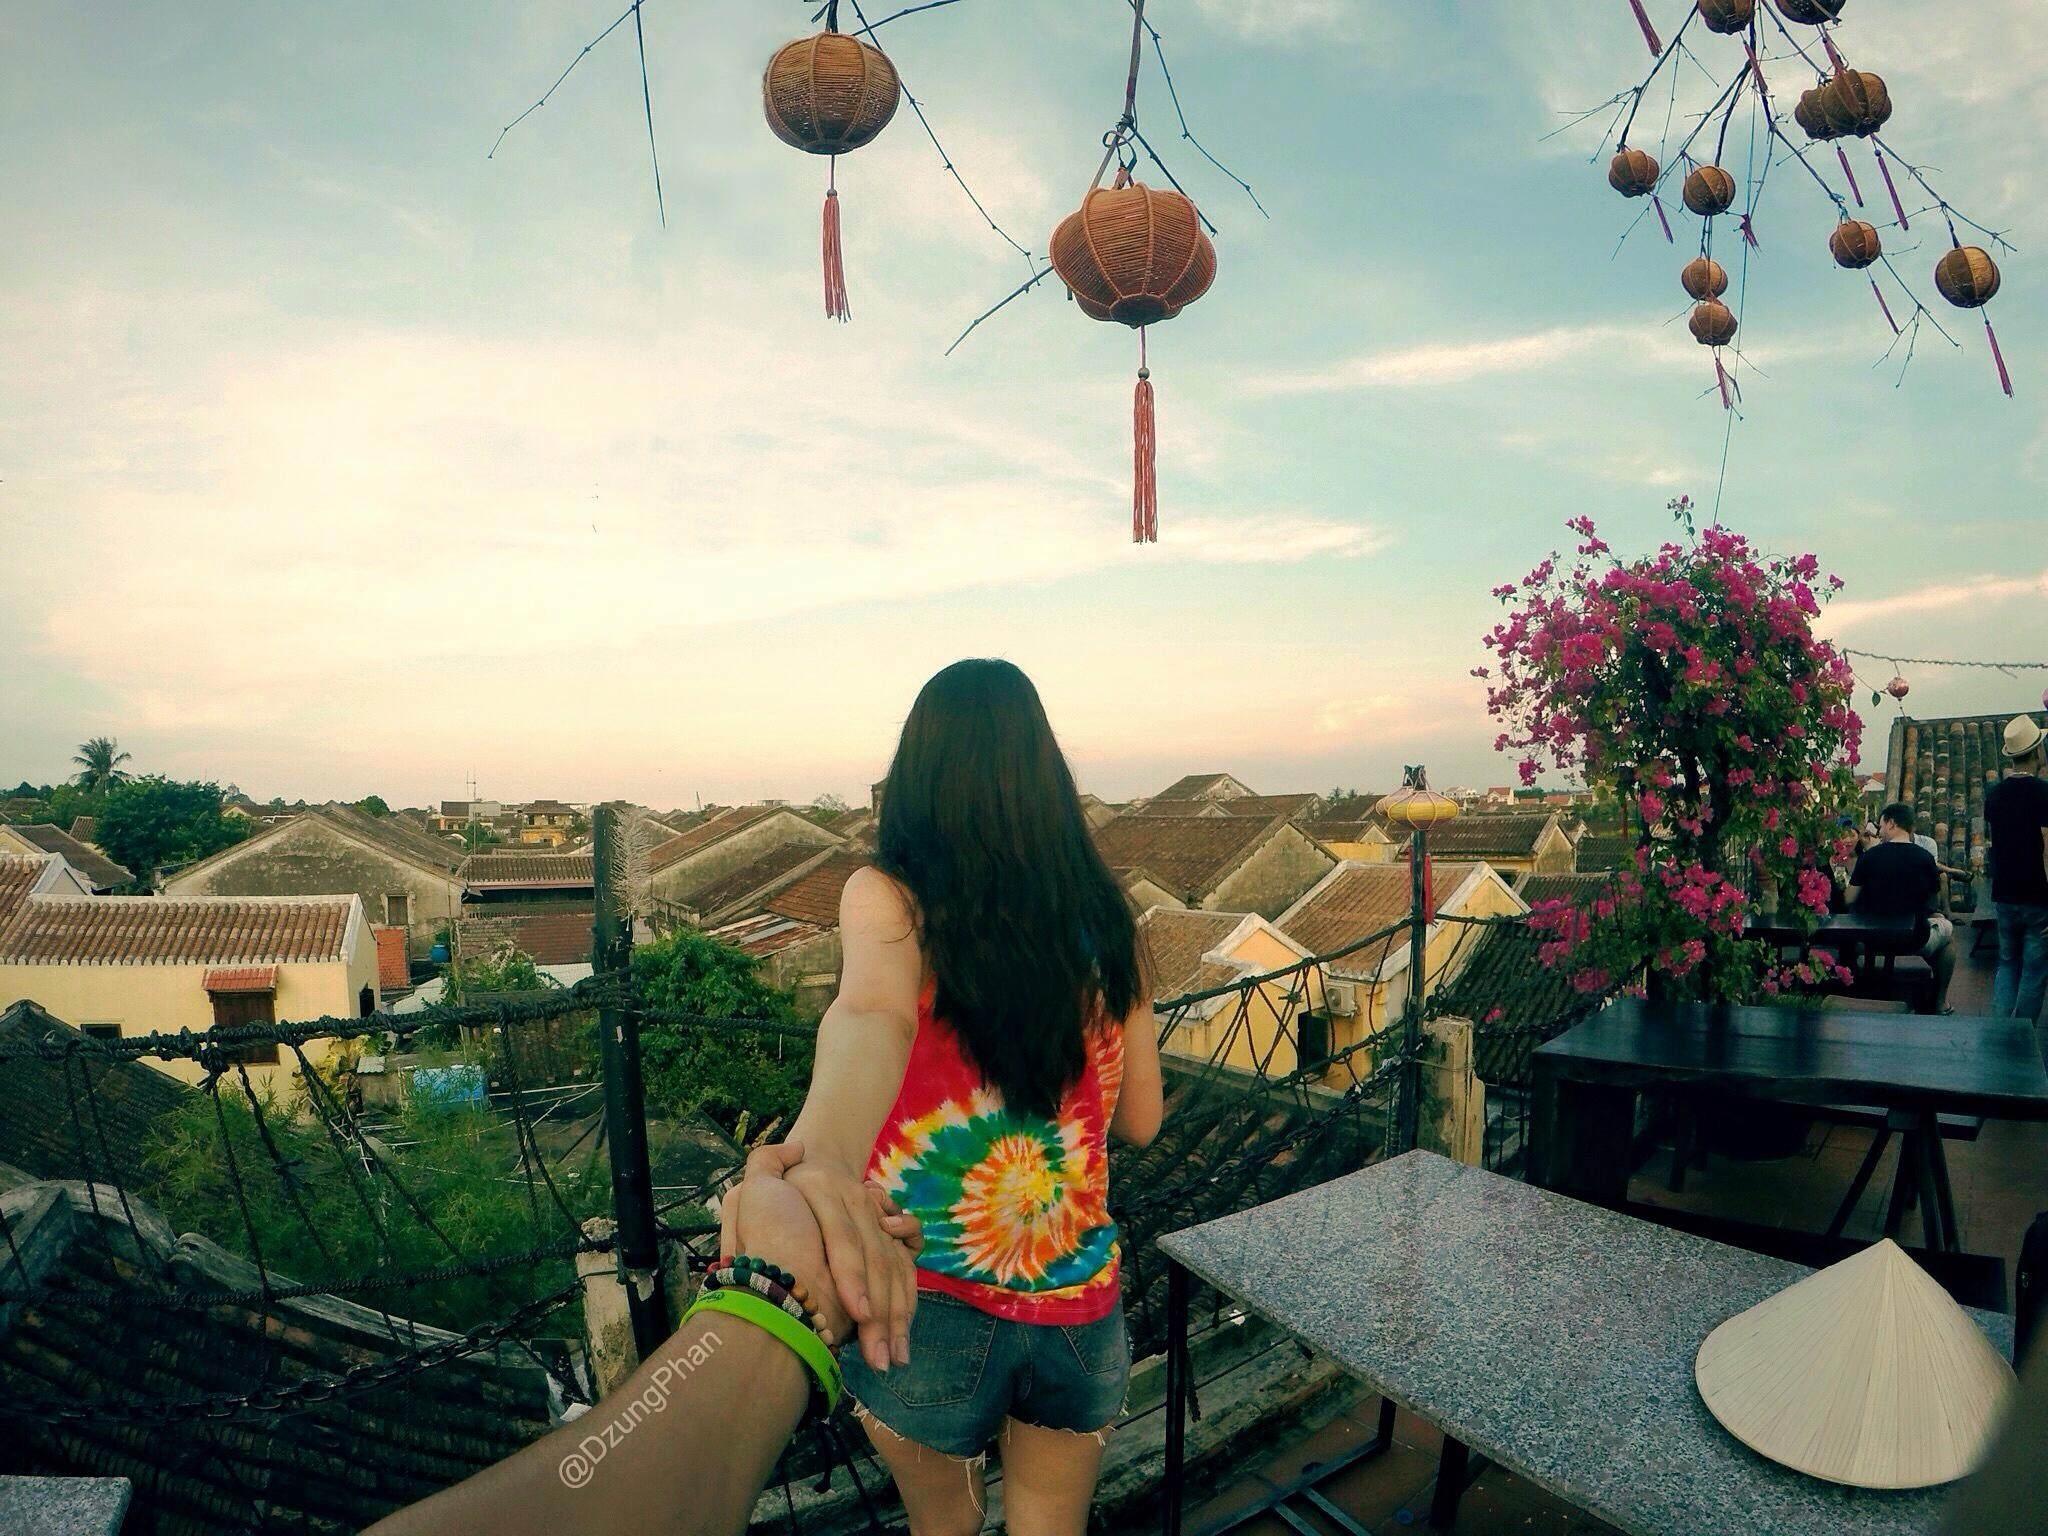 Lần đầu tiên Dũng và Trang gặp nhau ở Đà Nẵng. Sau đó, hai bạn trẻ nhanh chóng khám phá ra rằng họ có rất nhiều điểm chung: đam mê xê dịch, khám phá, nhiếp ảnh và thời trang.